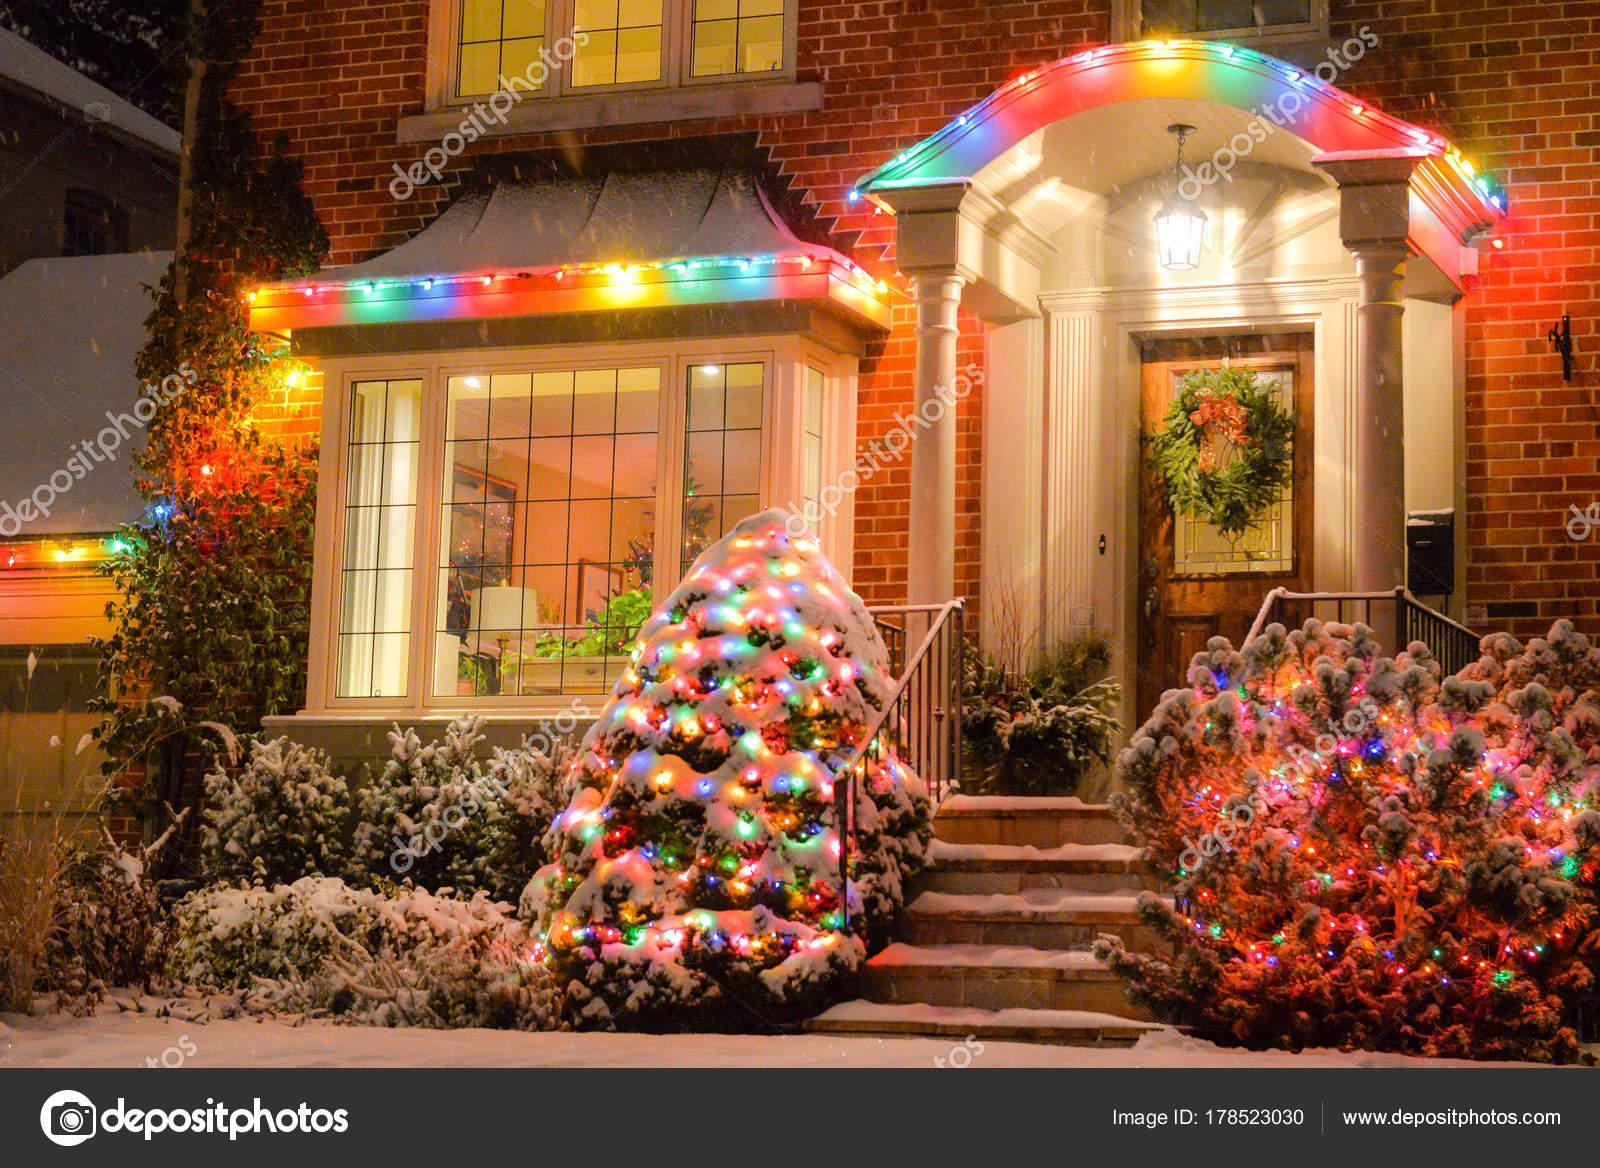 Fotos Casas Decoradas Navidad.Casa Decorada Con Luces Navidad Fotos De Stock C Pftrip